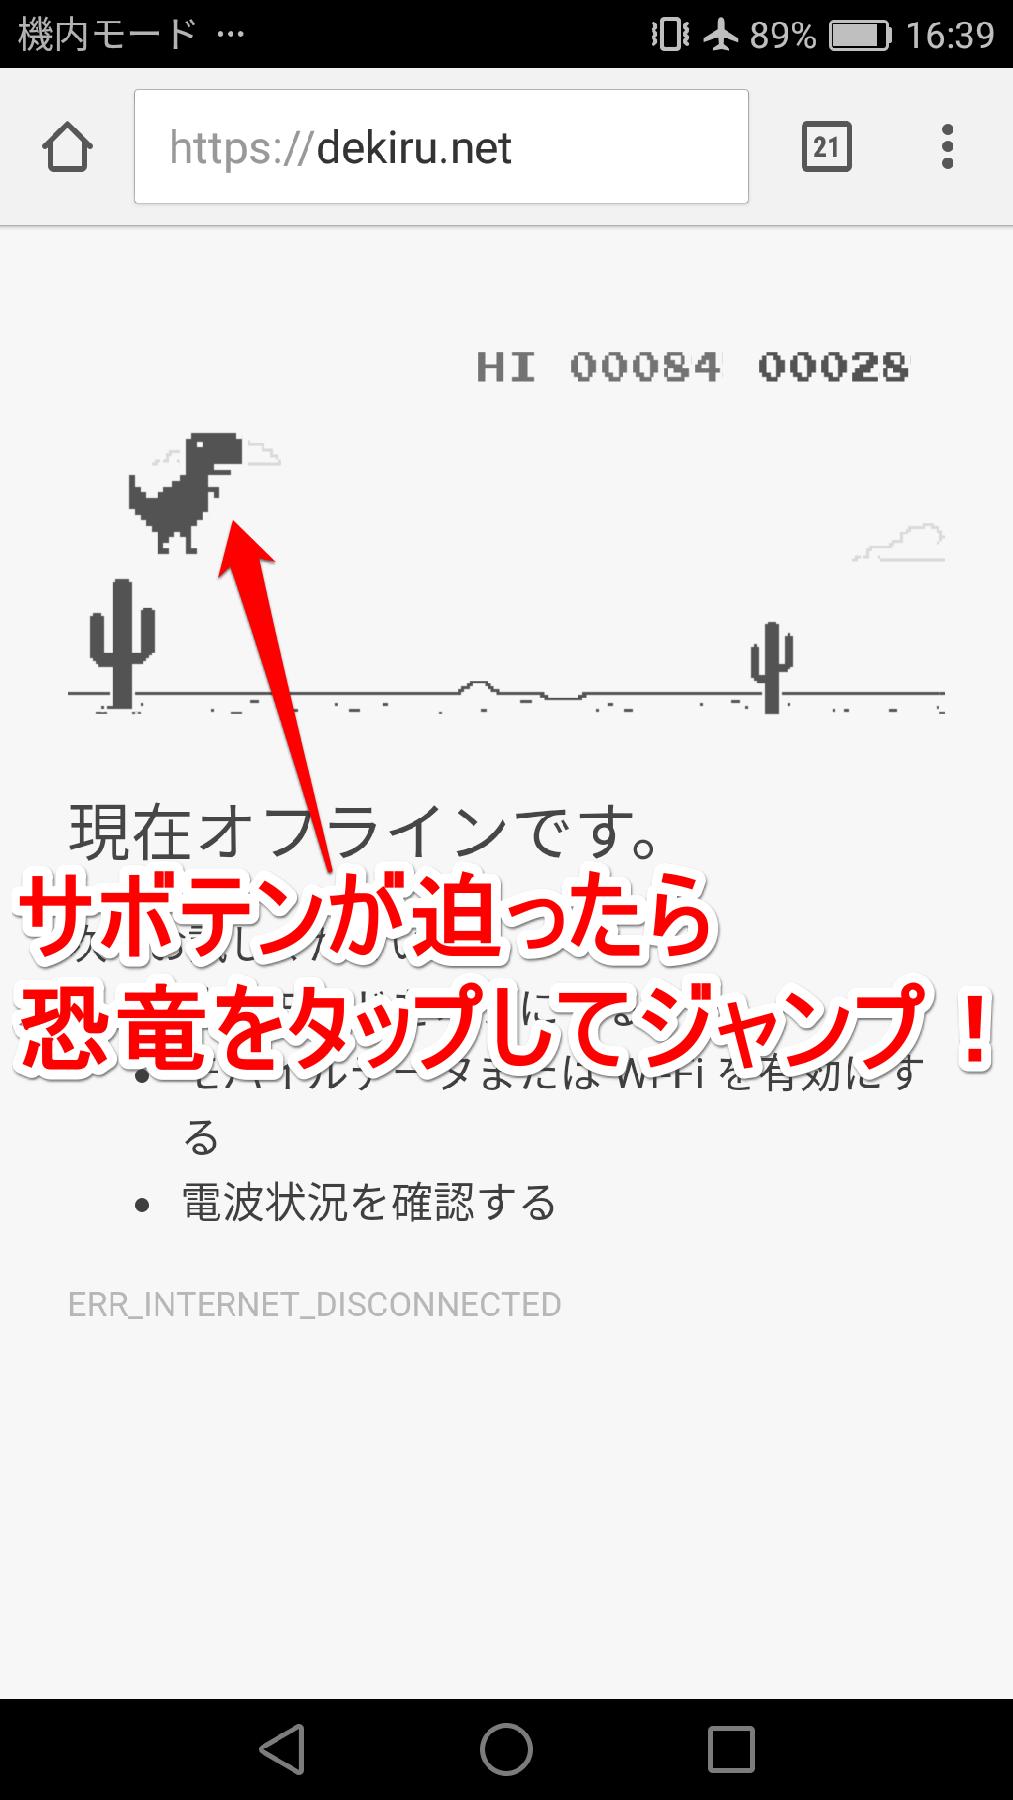 [Chrome]アプリで遊んでいる画面